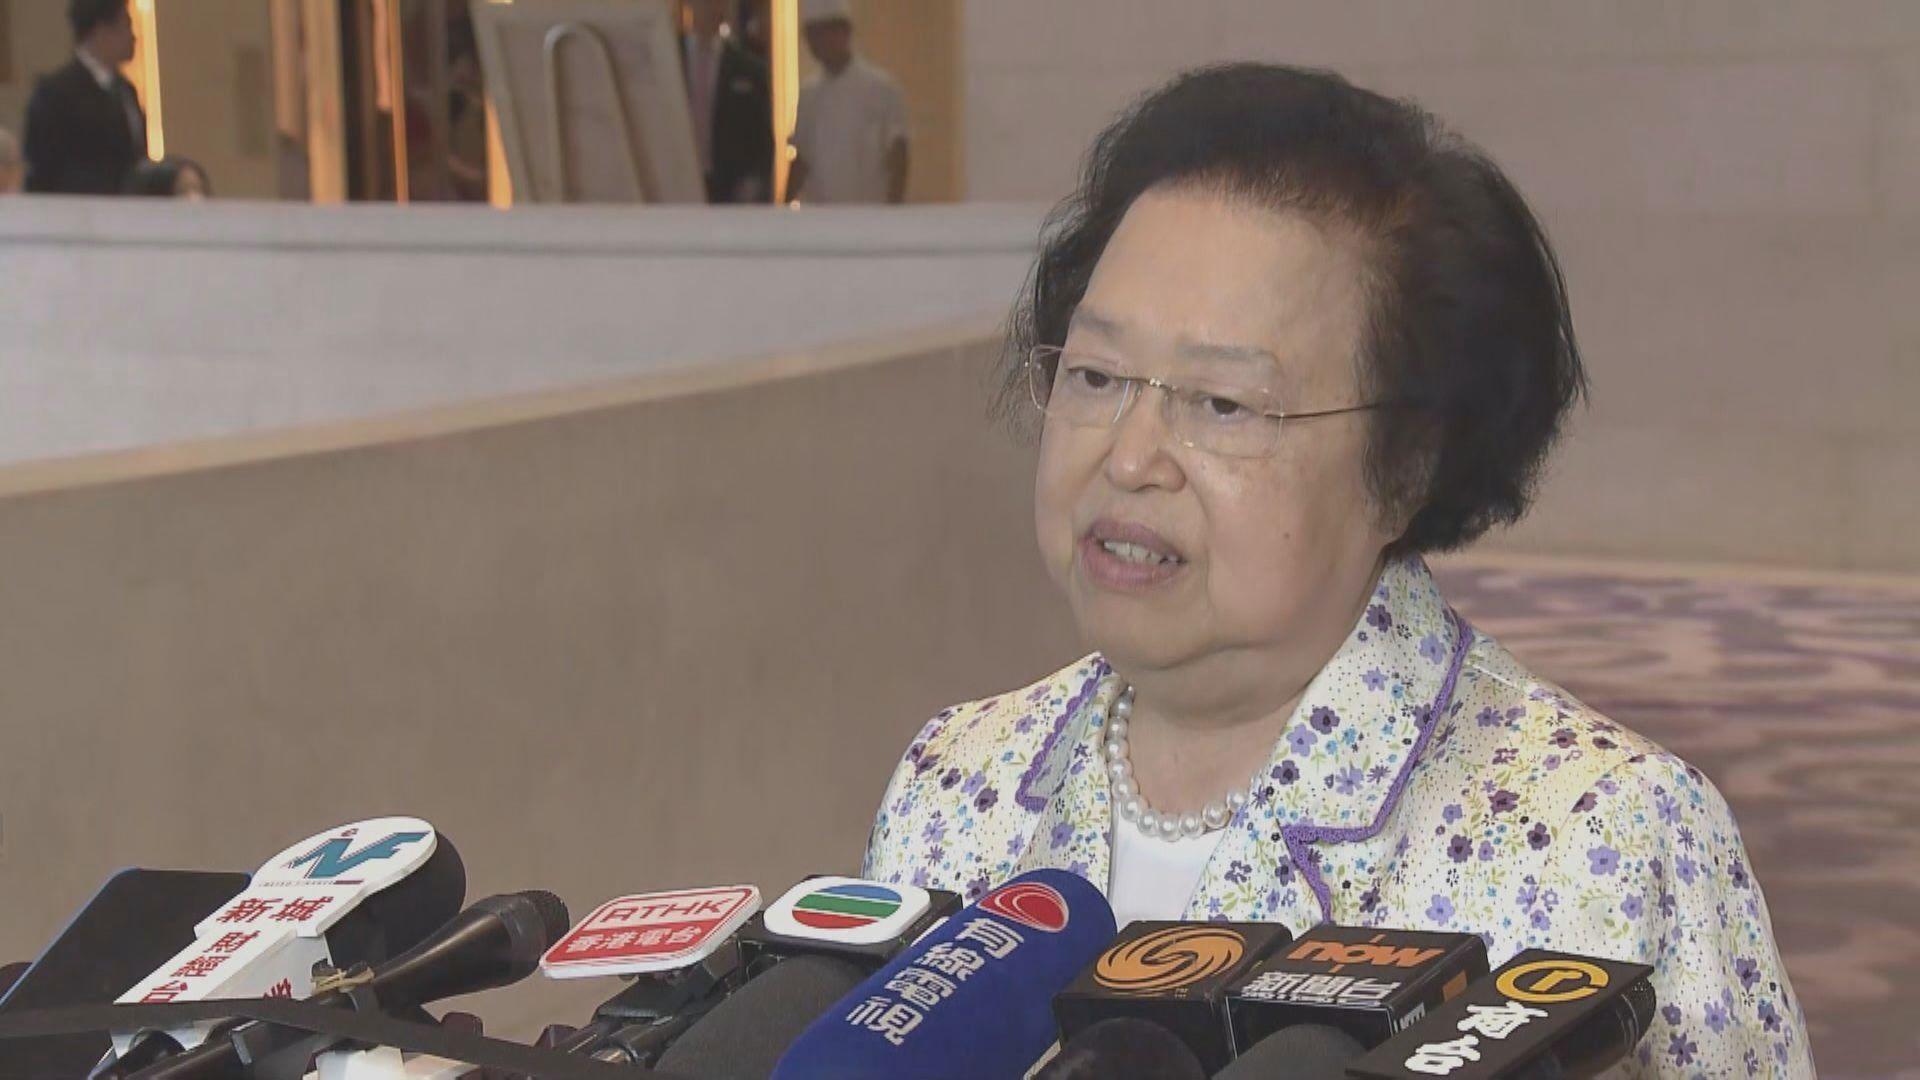 譚惠珠:市民應參加普及社區檢測 找出隱形確診患者